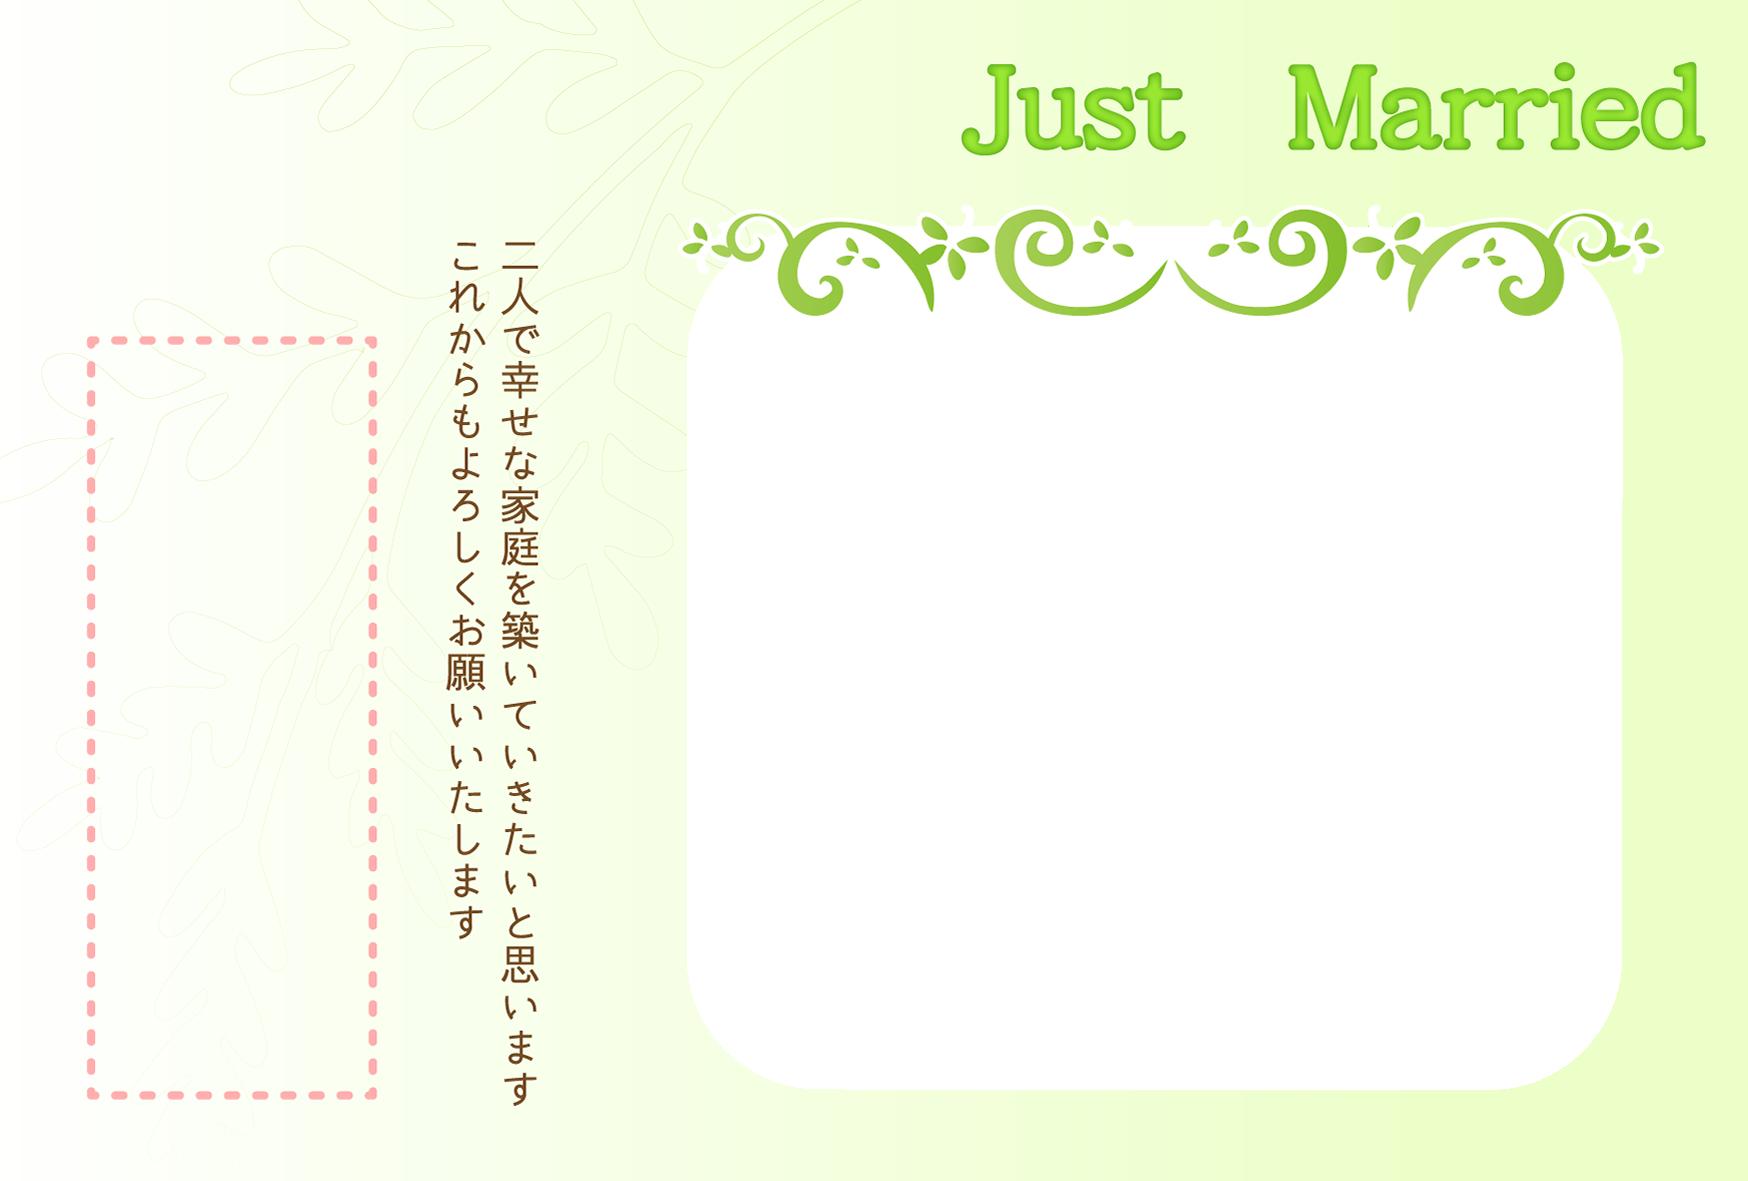 グリーンでおしゃれな結婚報告ハガキの無料デザインテンプレート